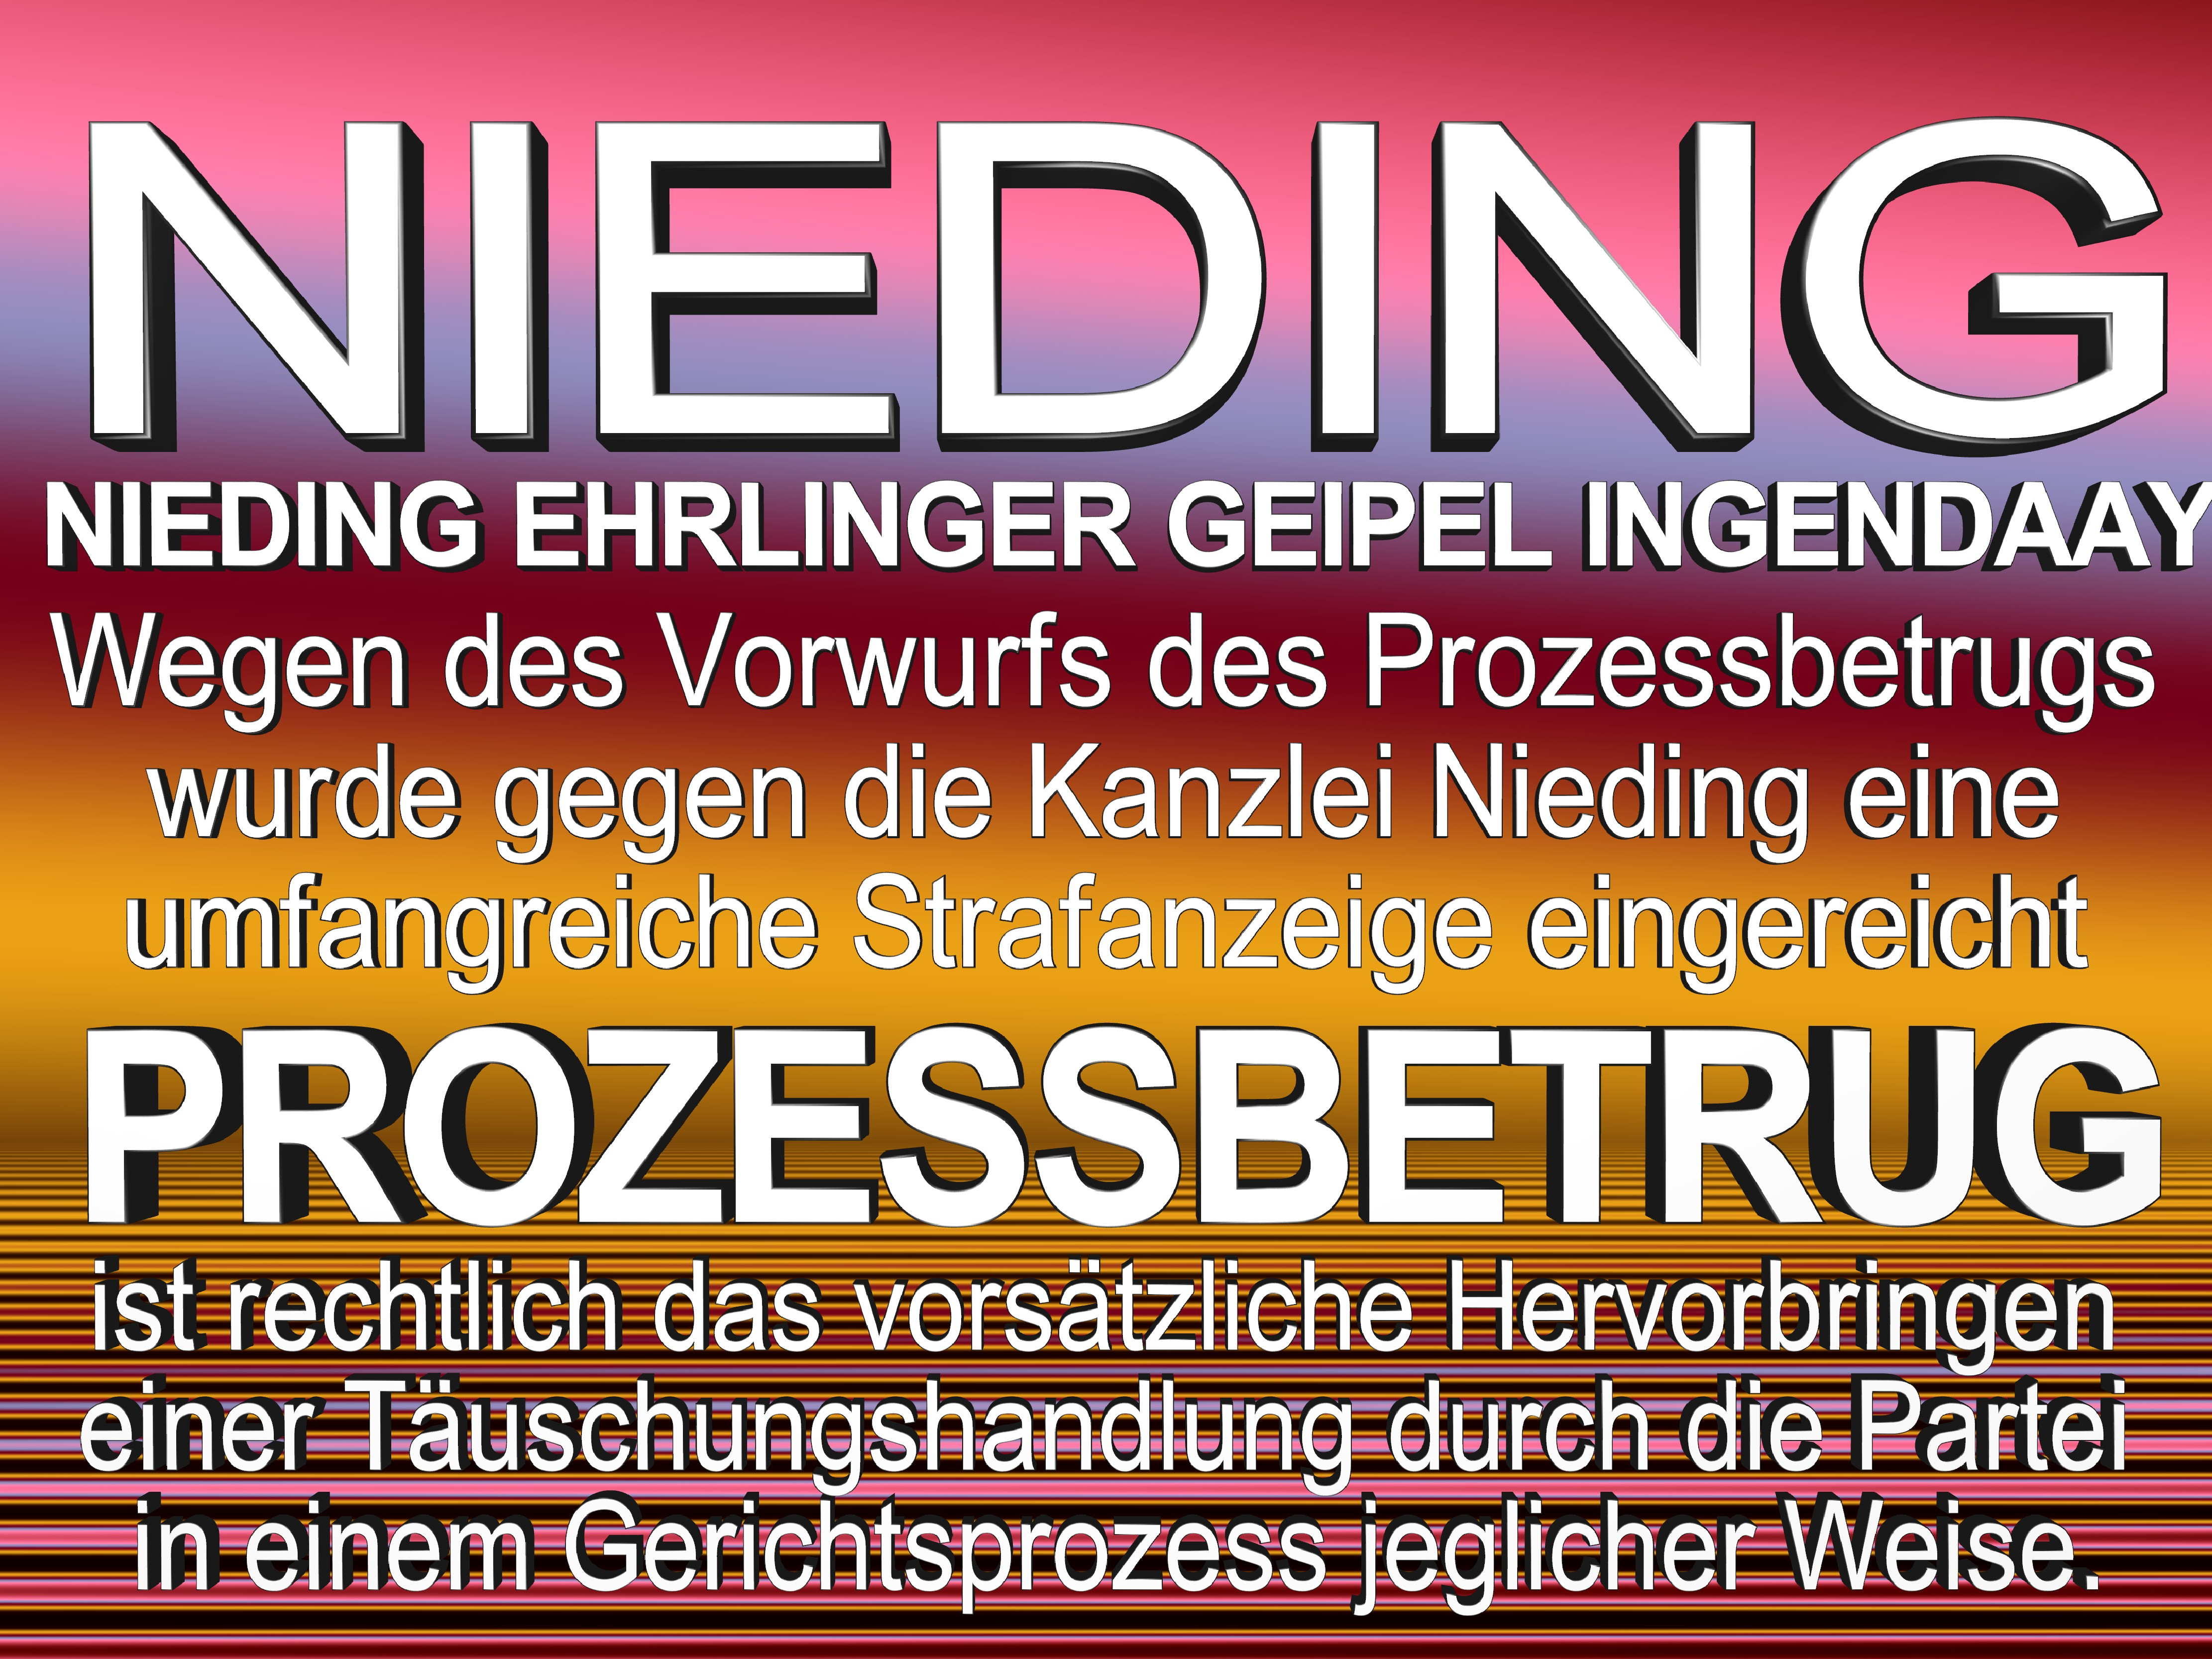 NIEDING EHRLINGER GEIPEL INGENDAAY LELKE Kurfürstendamm 66 Berlin (104)